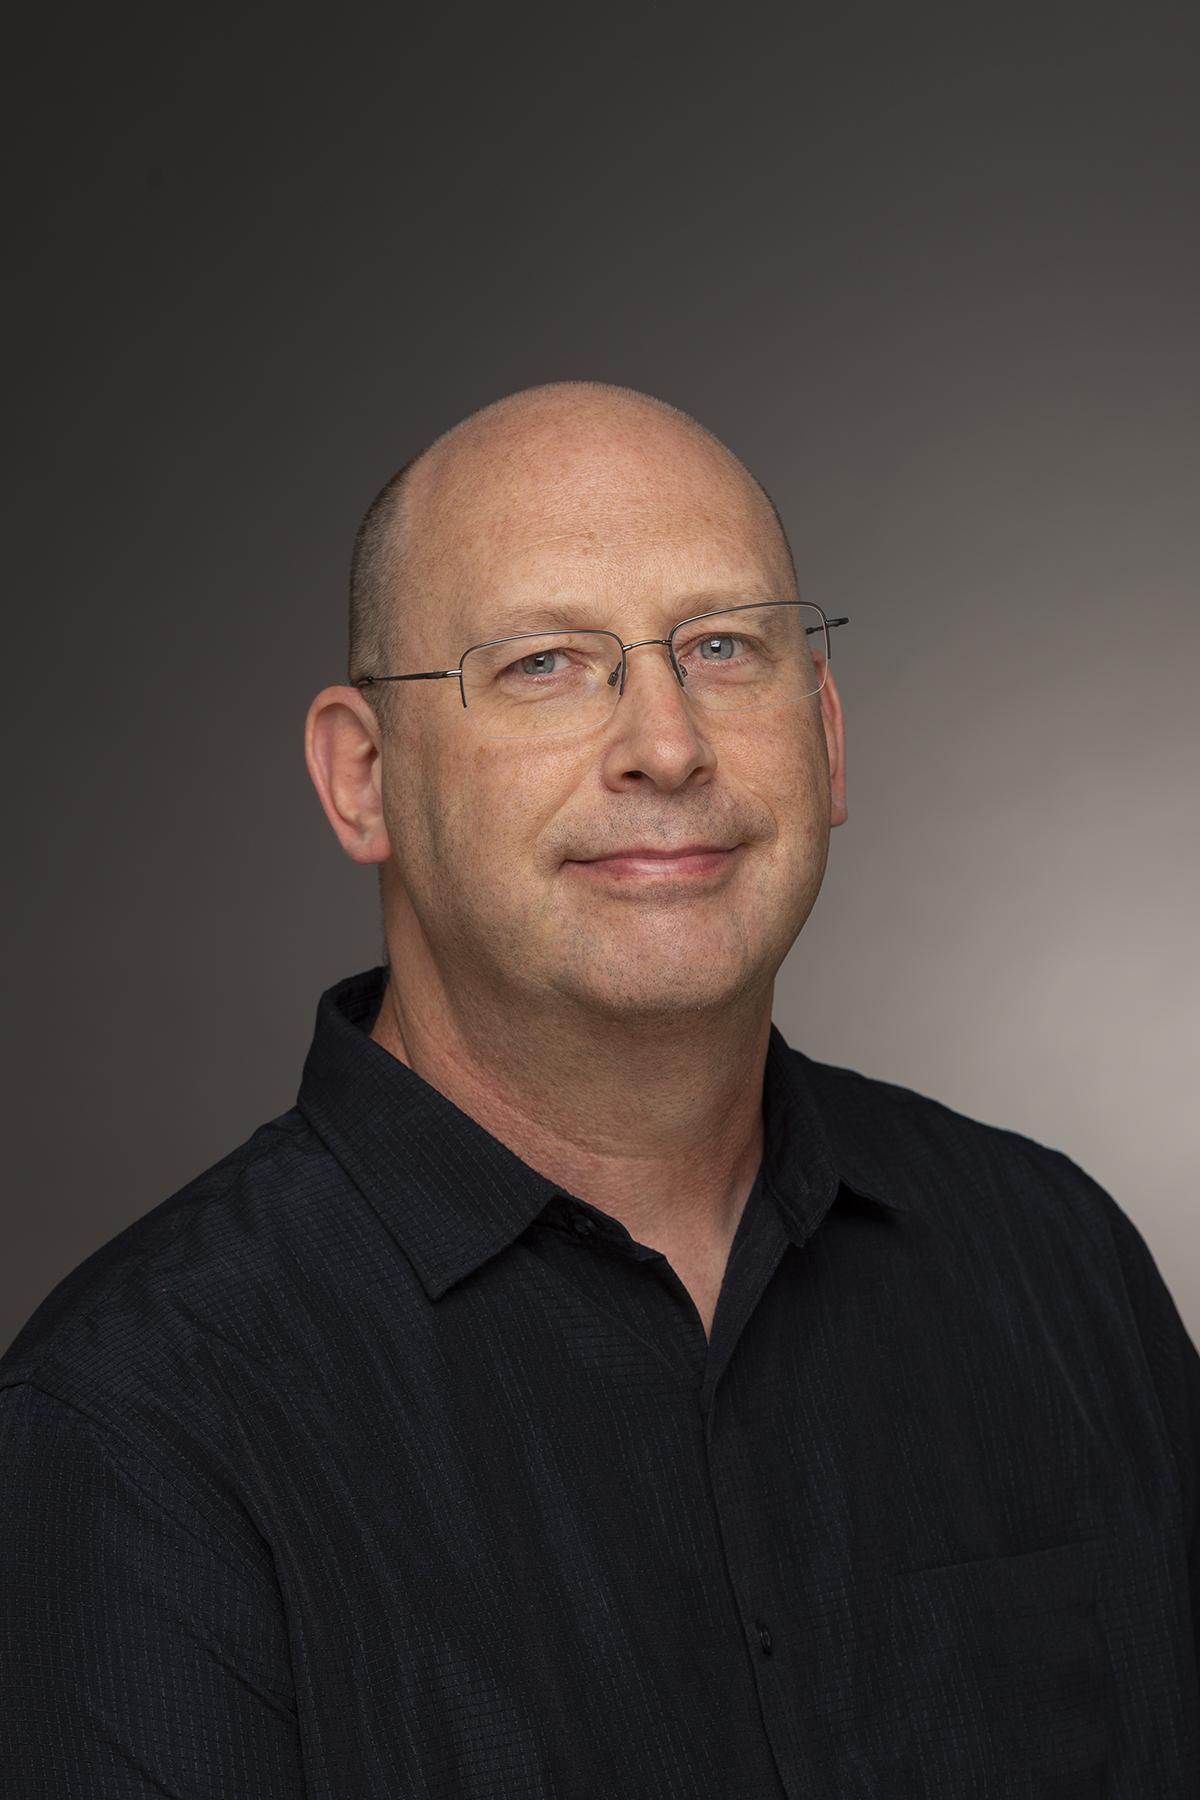 Headshot of Jeff Harter.